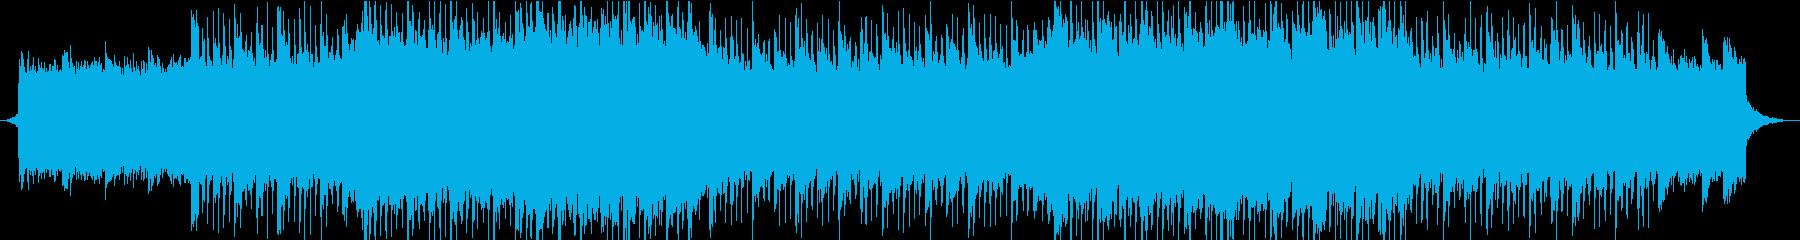 スポーツ系アニメで優勢の流れの時のBGMの再生済みの波形